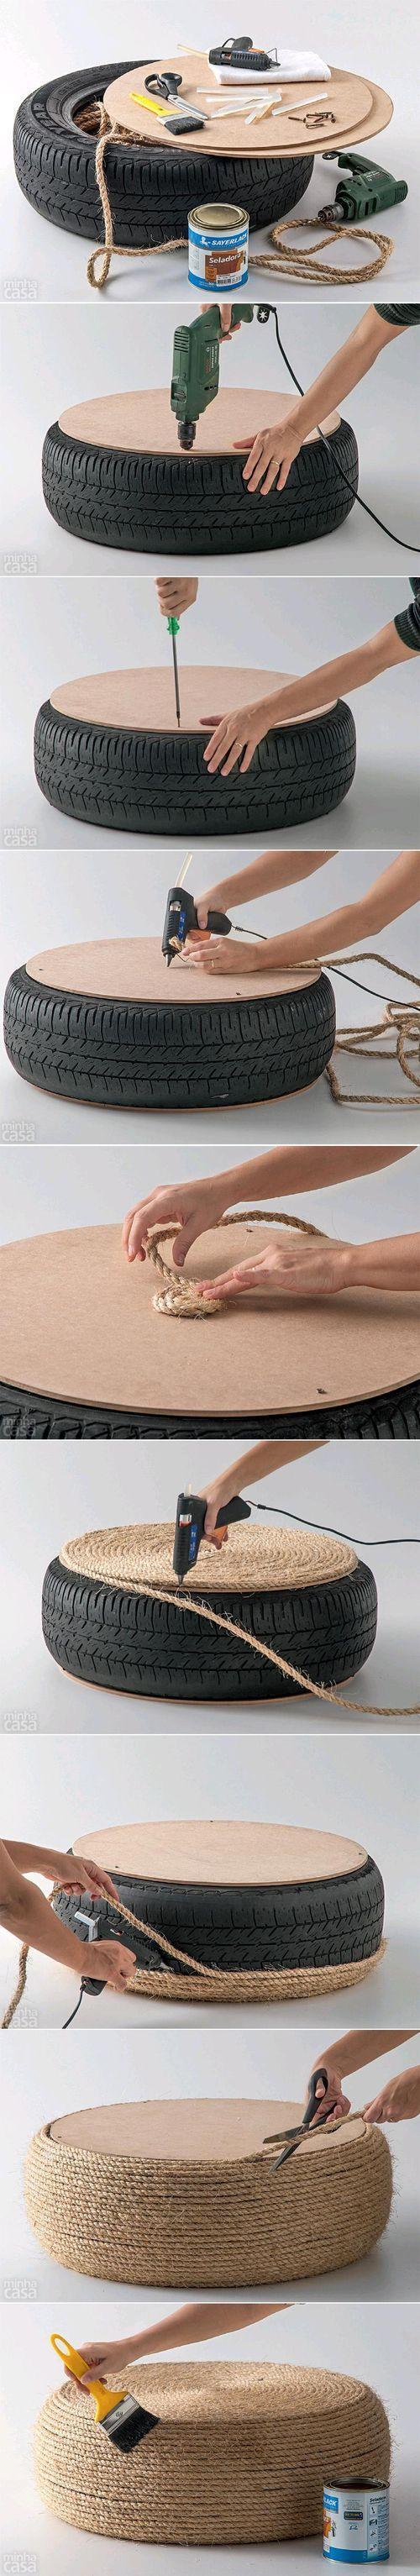 Una forma original de reconvertir objetos que no sirven ya. Este puff realizado con una rueda vieja y cordel de yute es magnífica para un salón